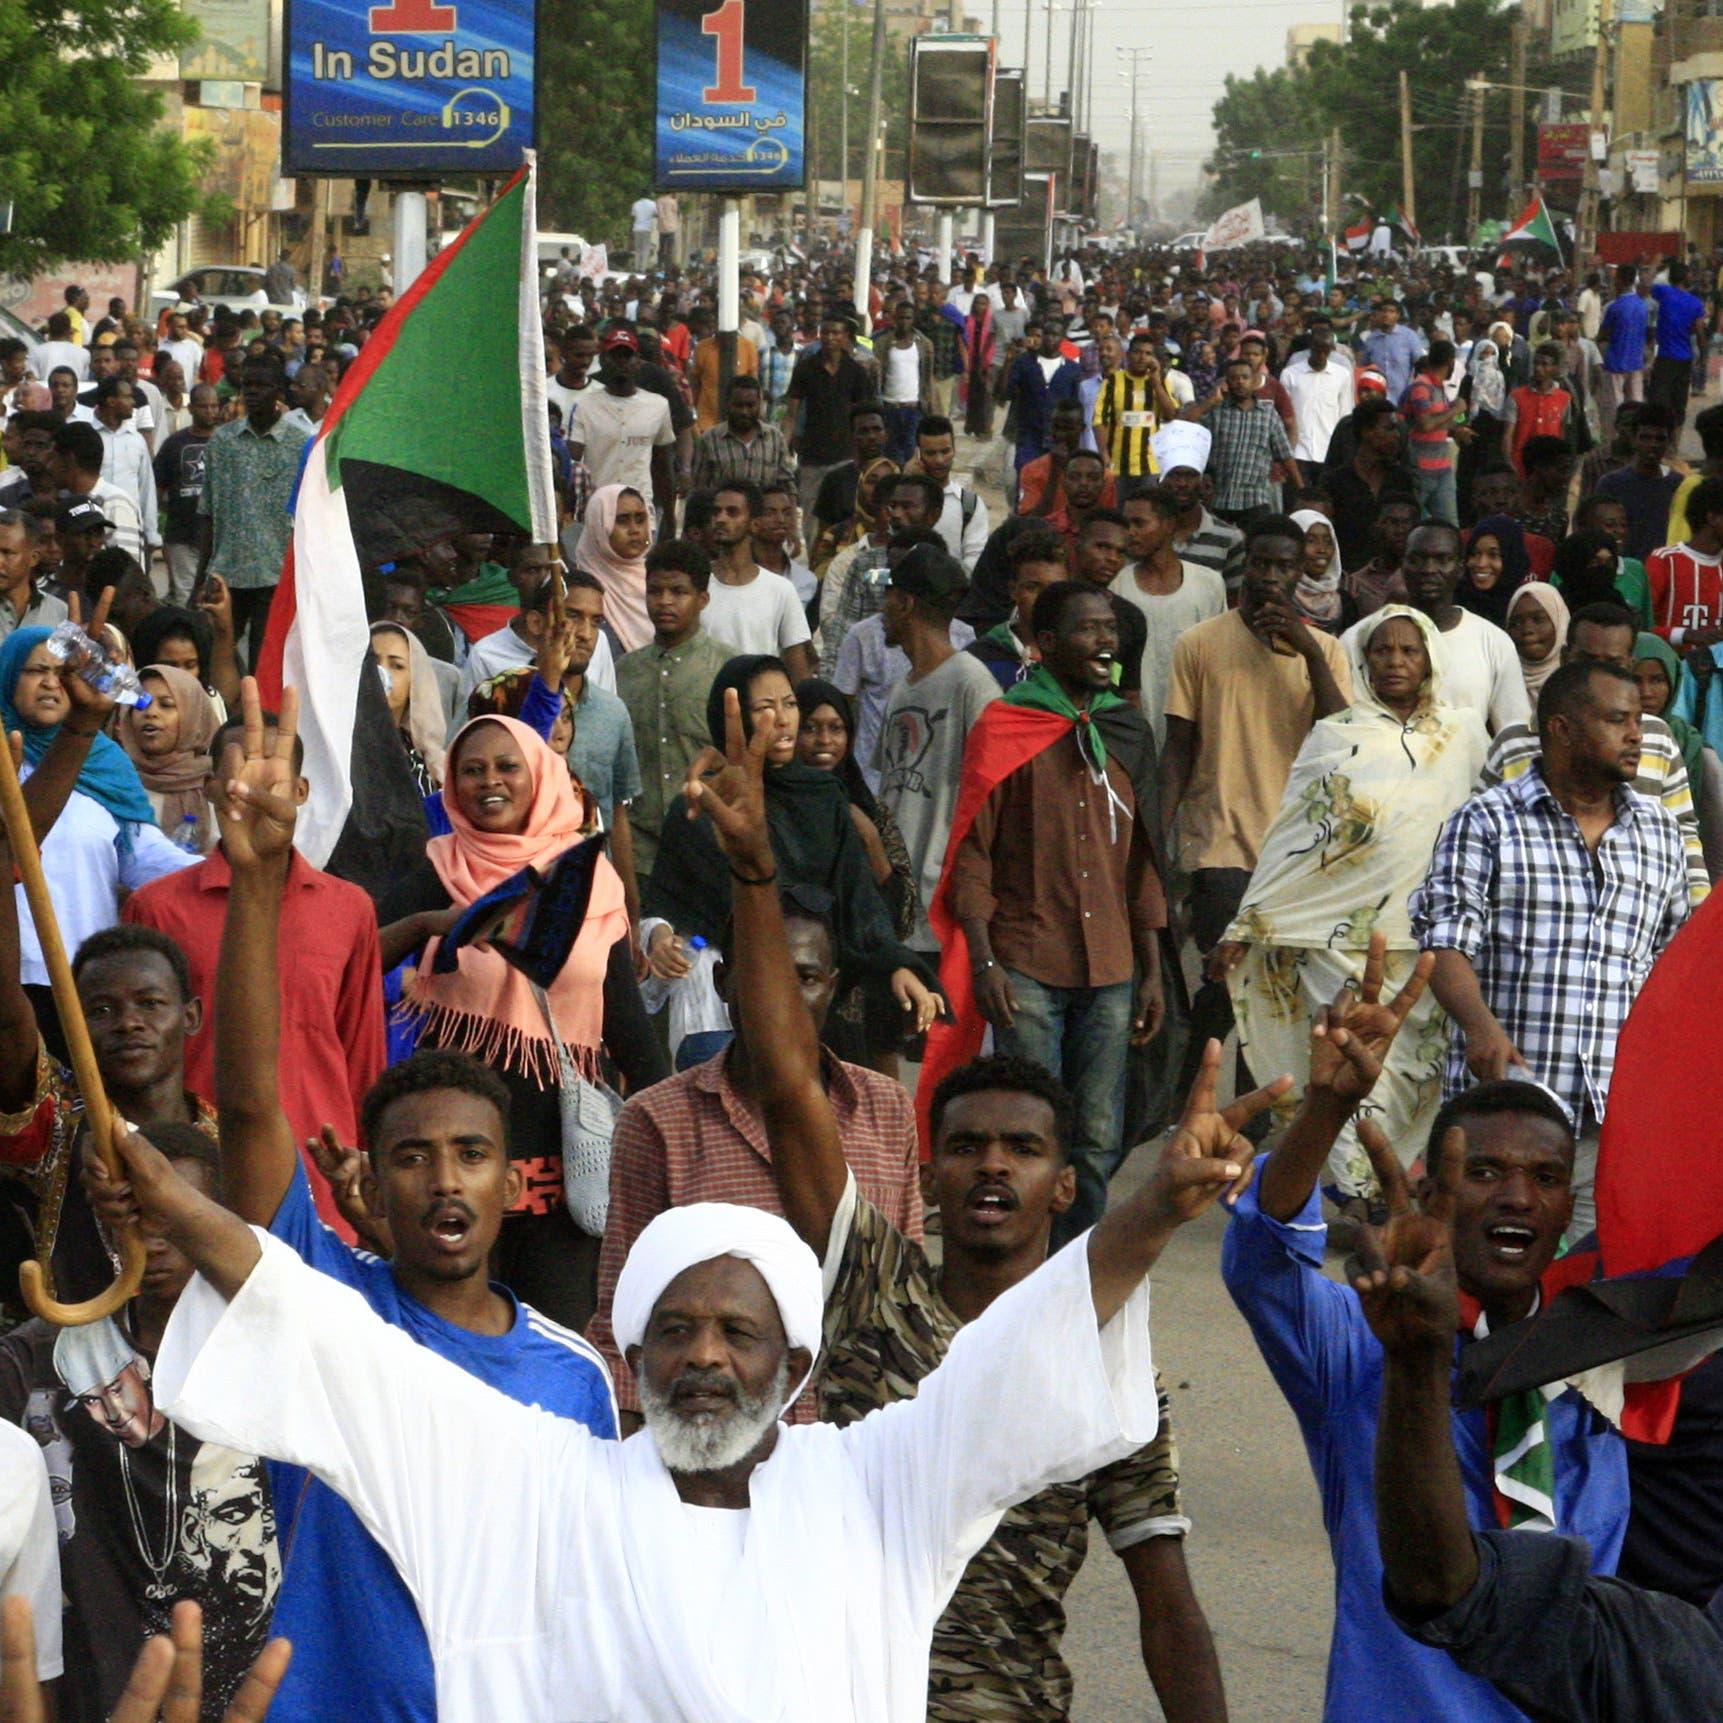 السودان.. اتفاق على مجلس سيادي وحكومة كفاءات